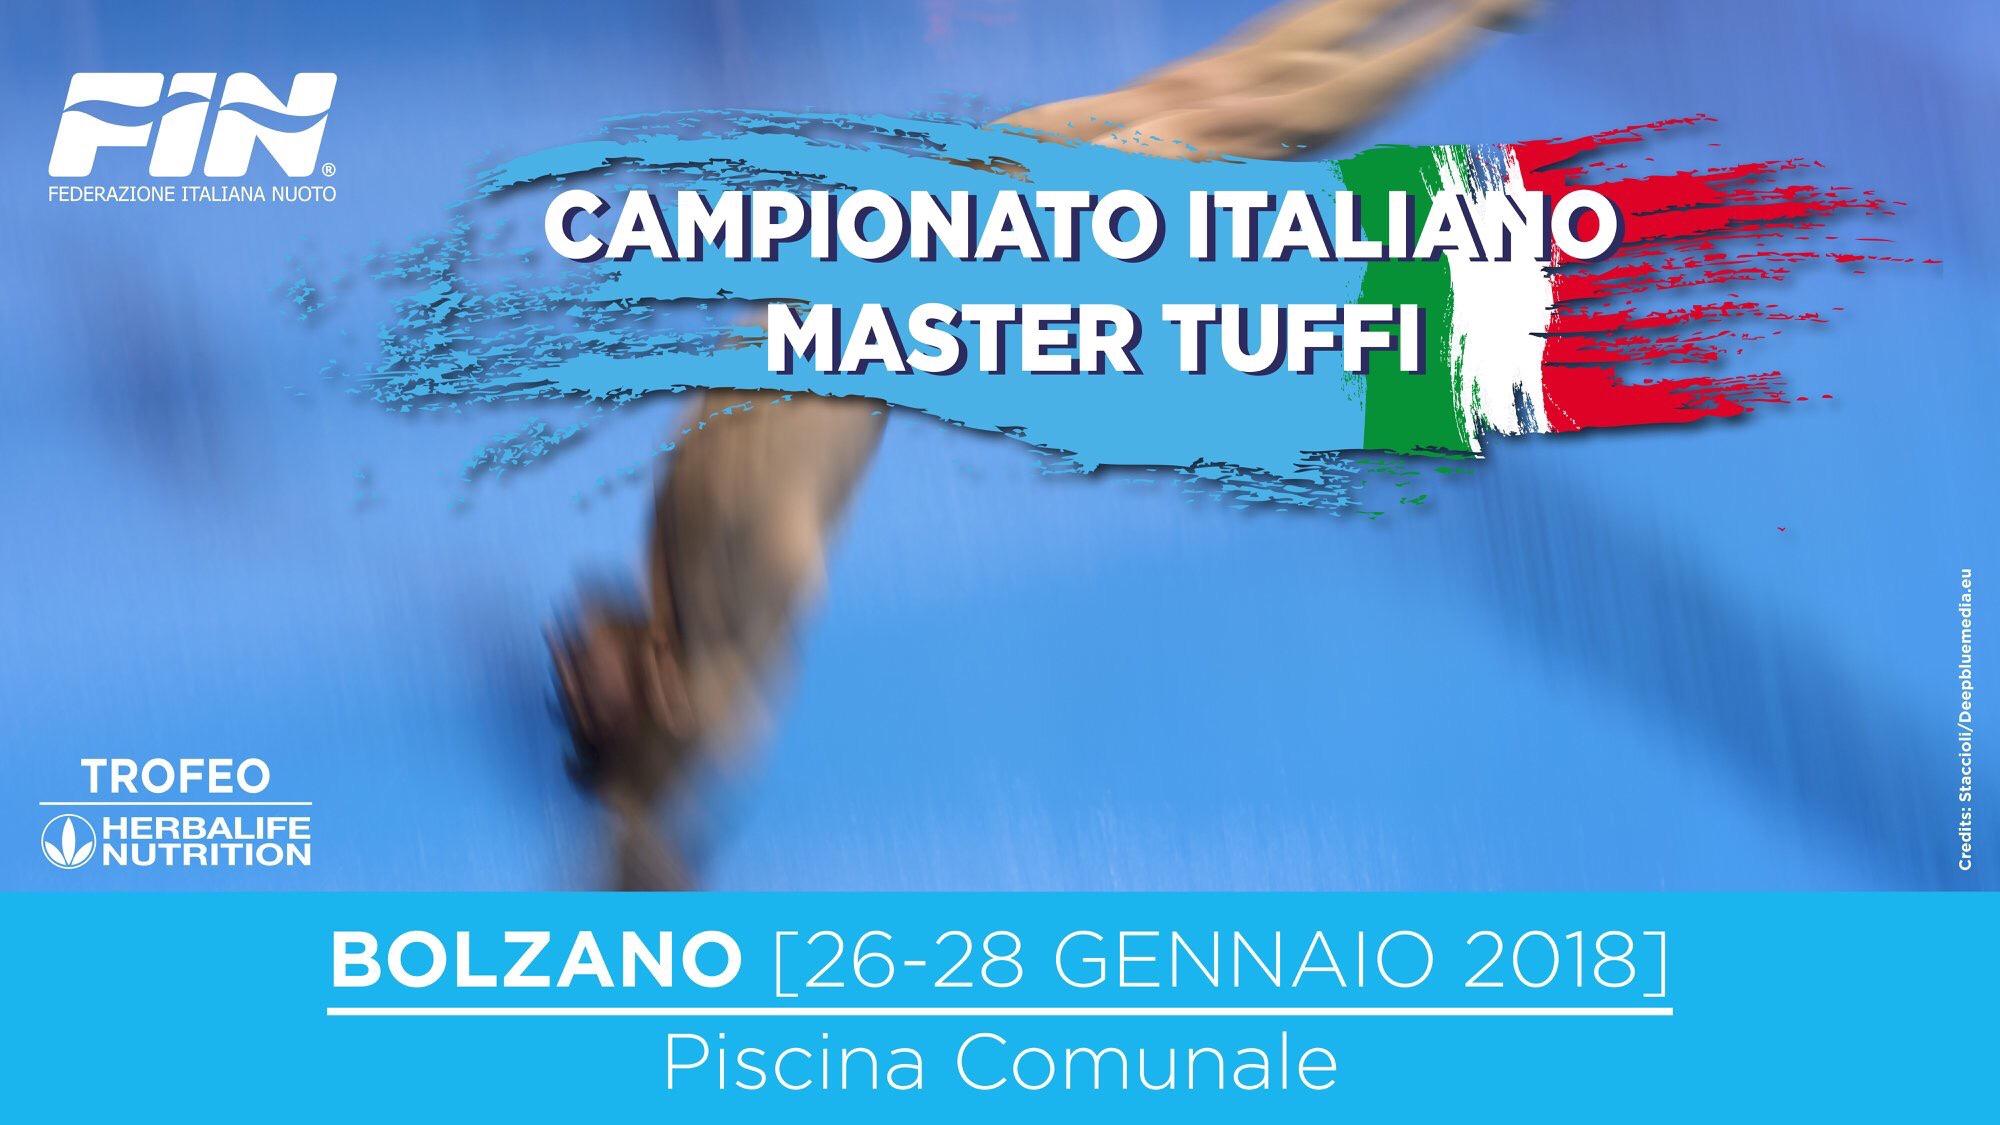 Campionati Italiani Master Indoor: Bolzano - il programma delle gare.